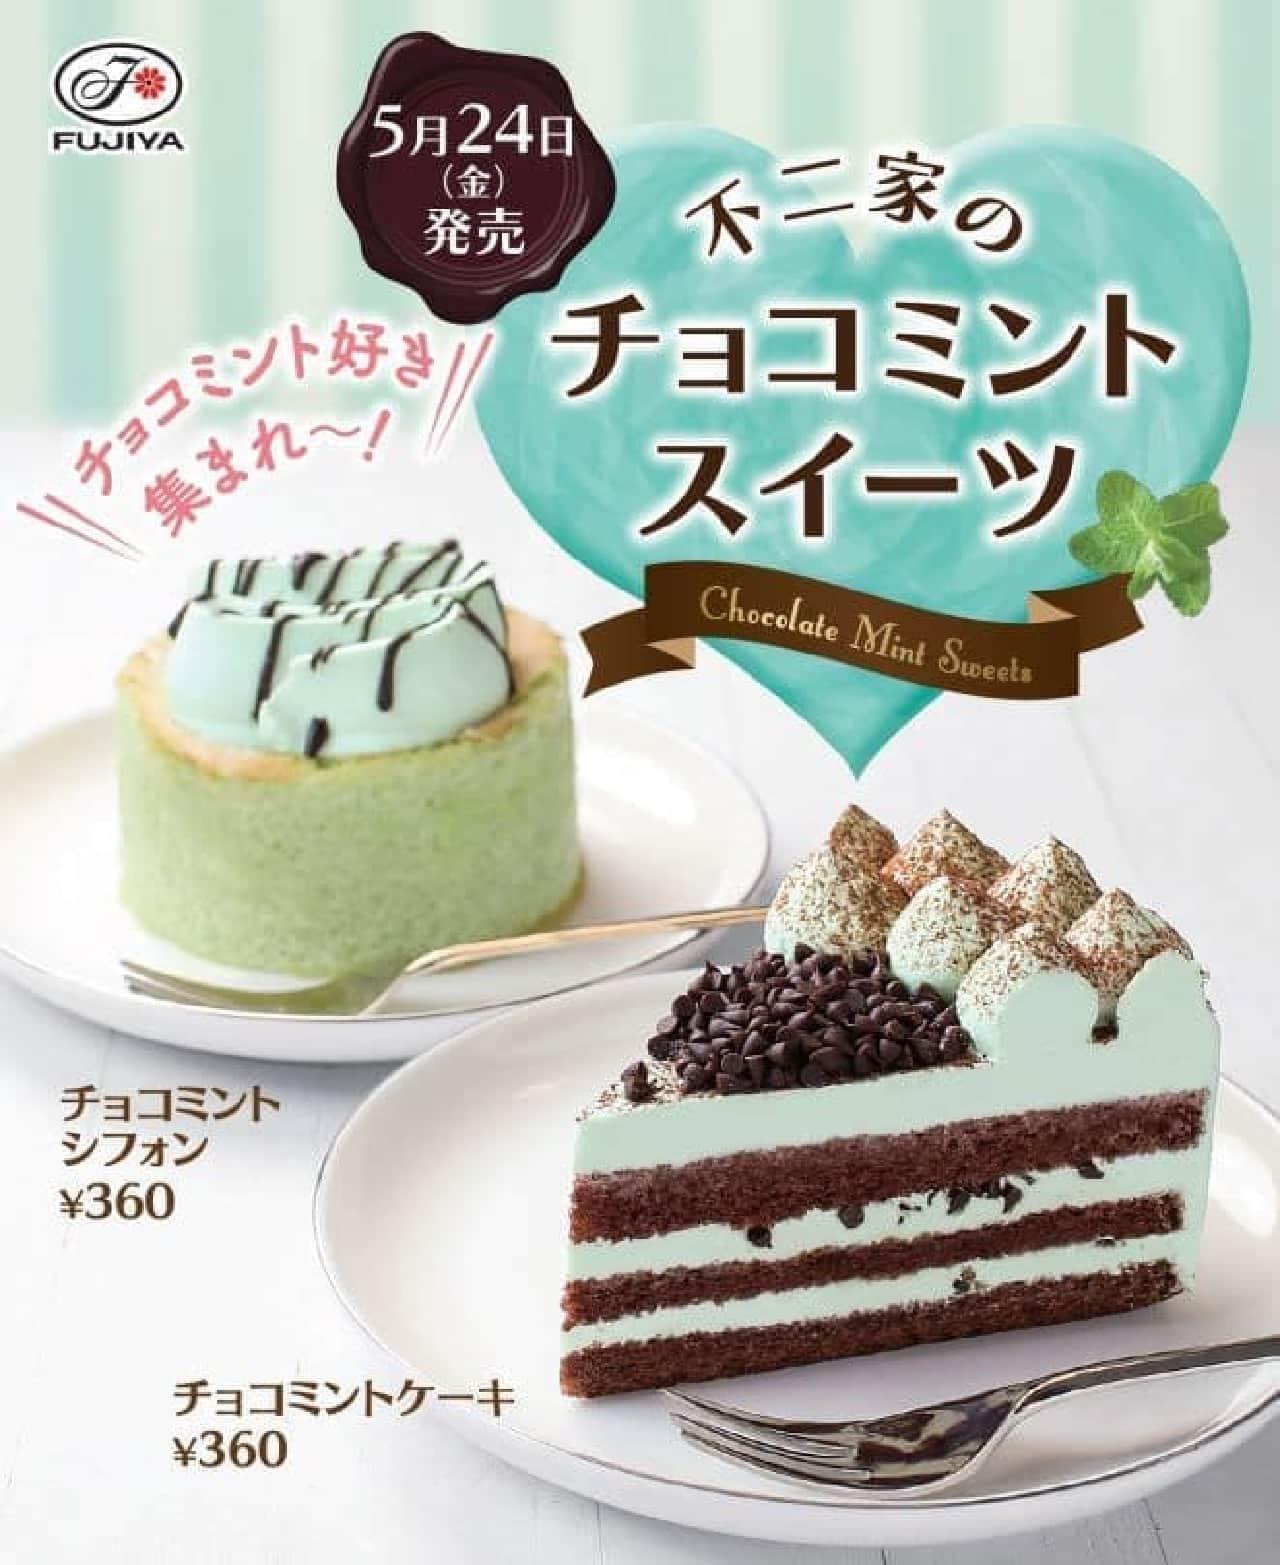 不二家洋菓子店「チョコミントシフォン」と「チョコミントケーキ」